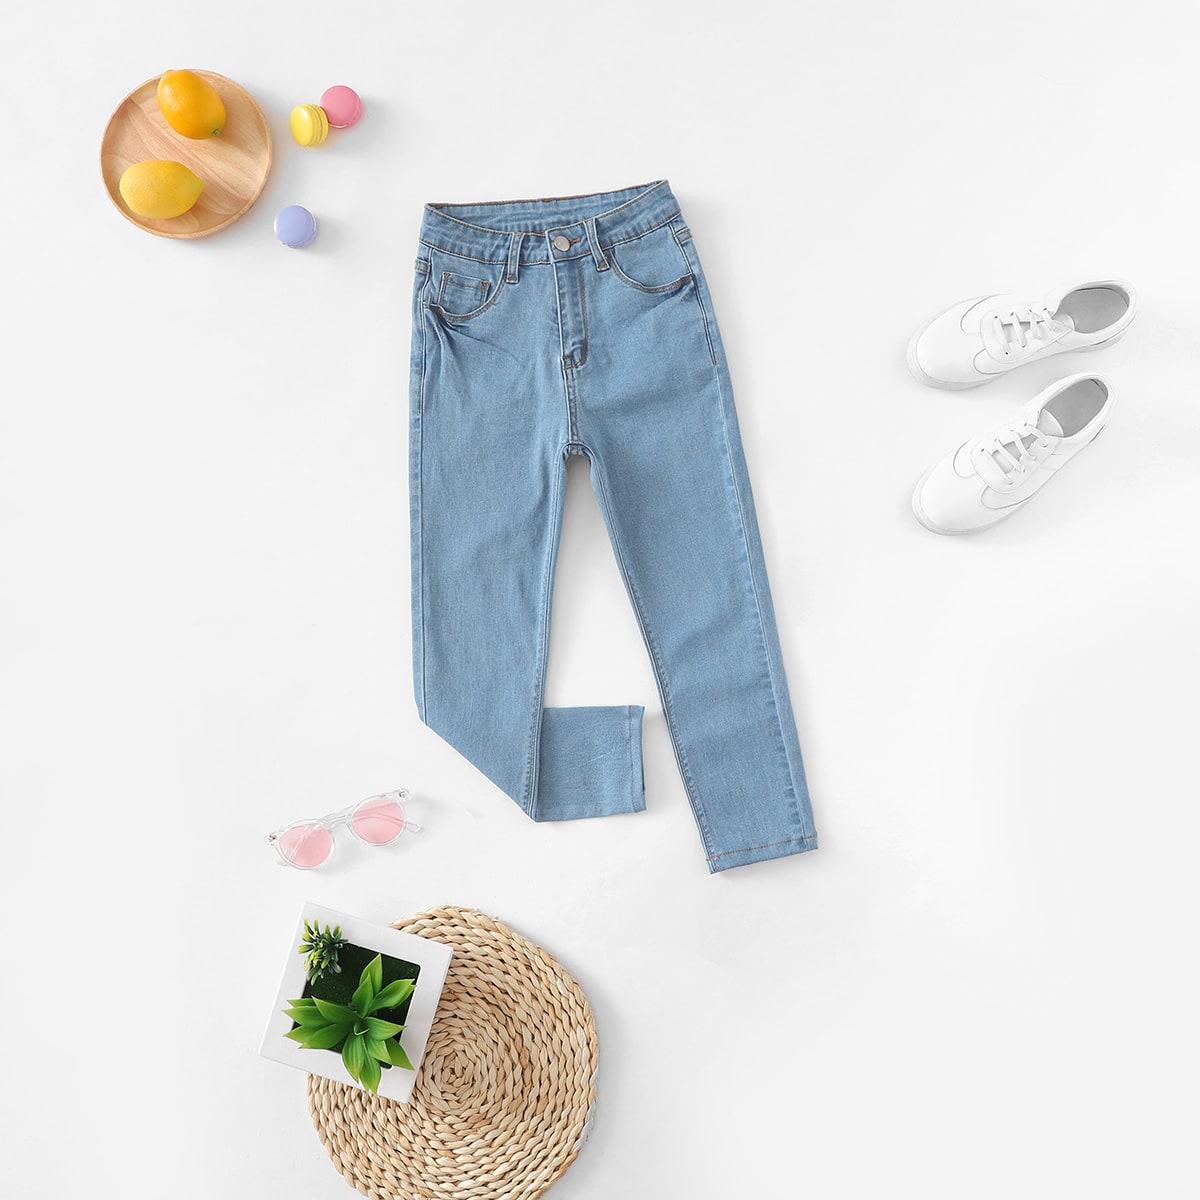 Облегающие джинсы с украшением пуговицы и кармана для девочки